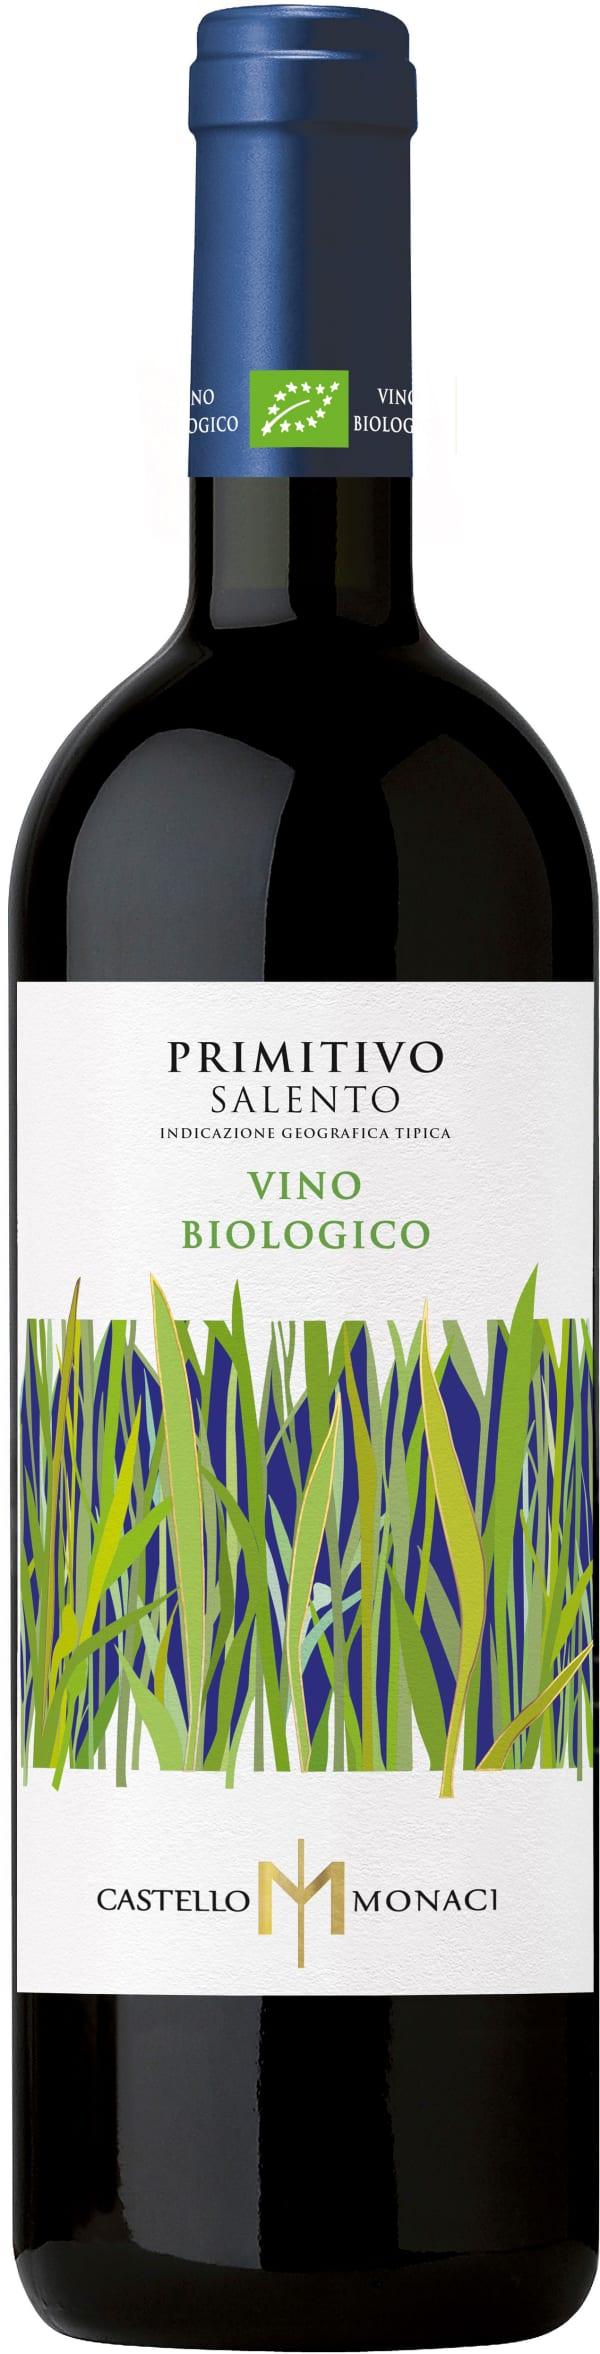 Castello Monaci Primitivo Biologico 2019